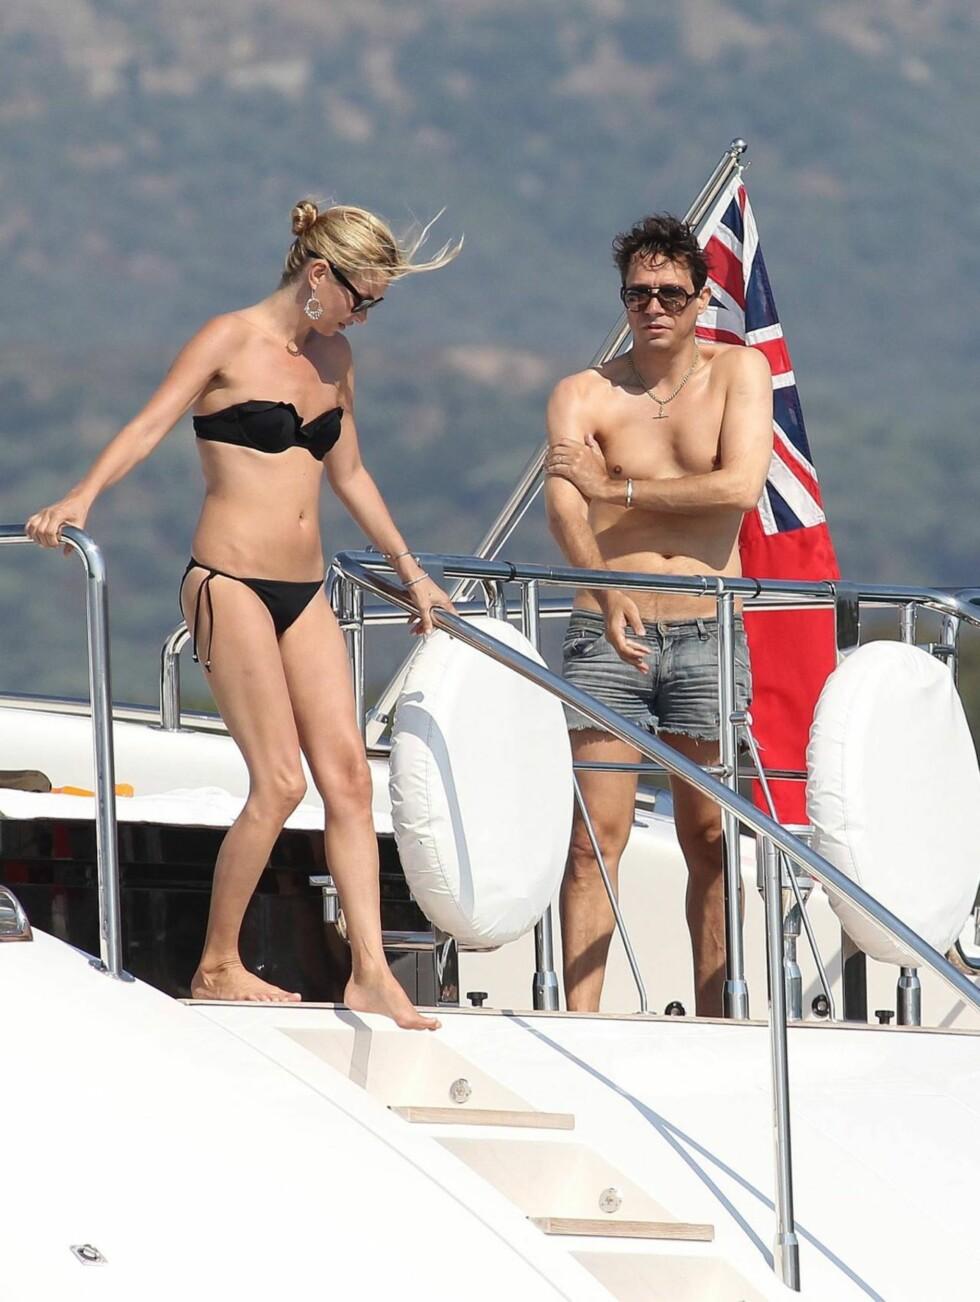 KLAR FOR EN DUKKERT: Kate Moss bestemmer seg for å teste badevannet, mens Jamie Hince er mer skeptisk... Foto: All Over Press